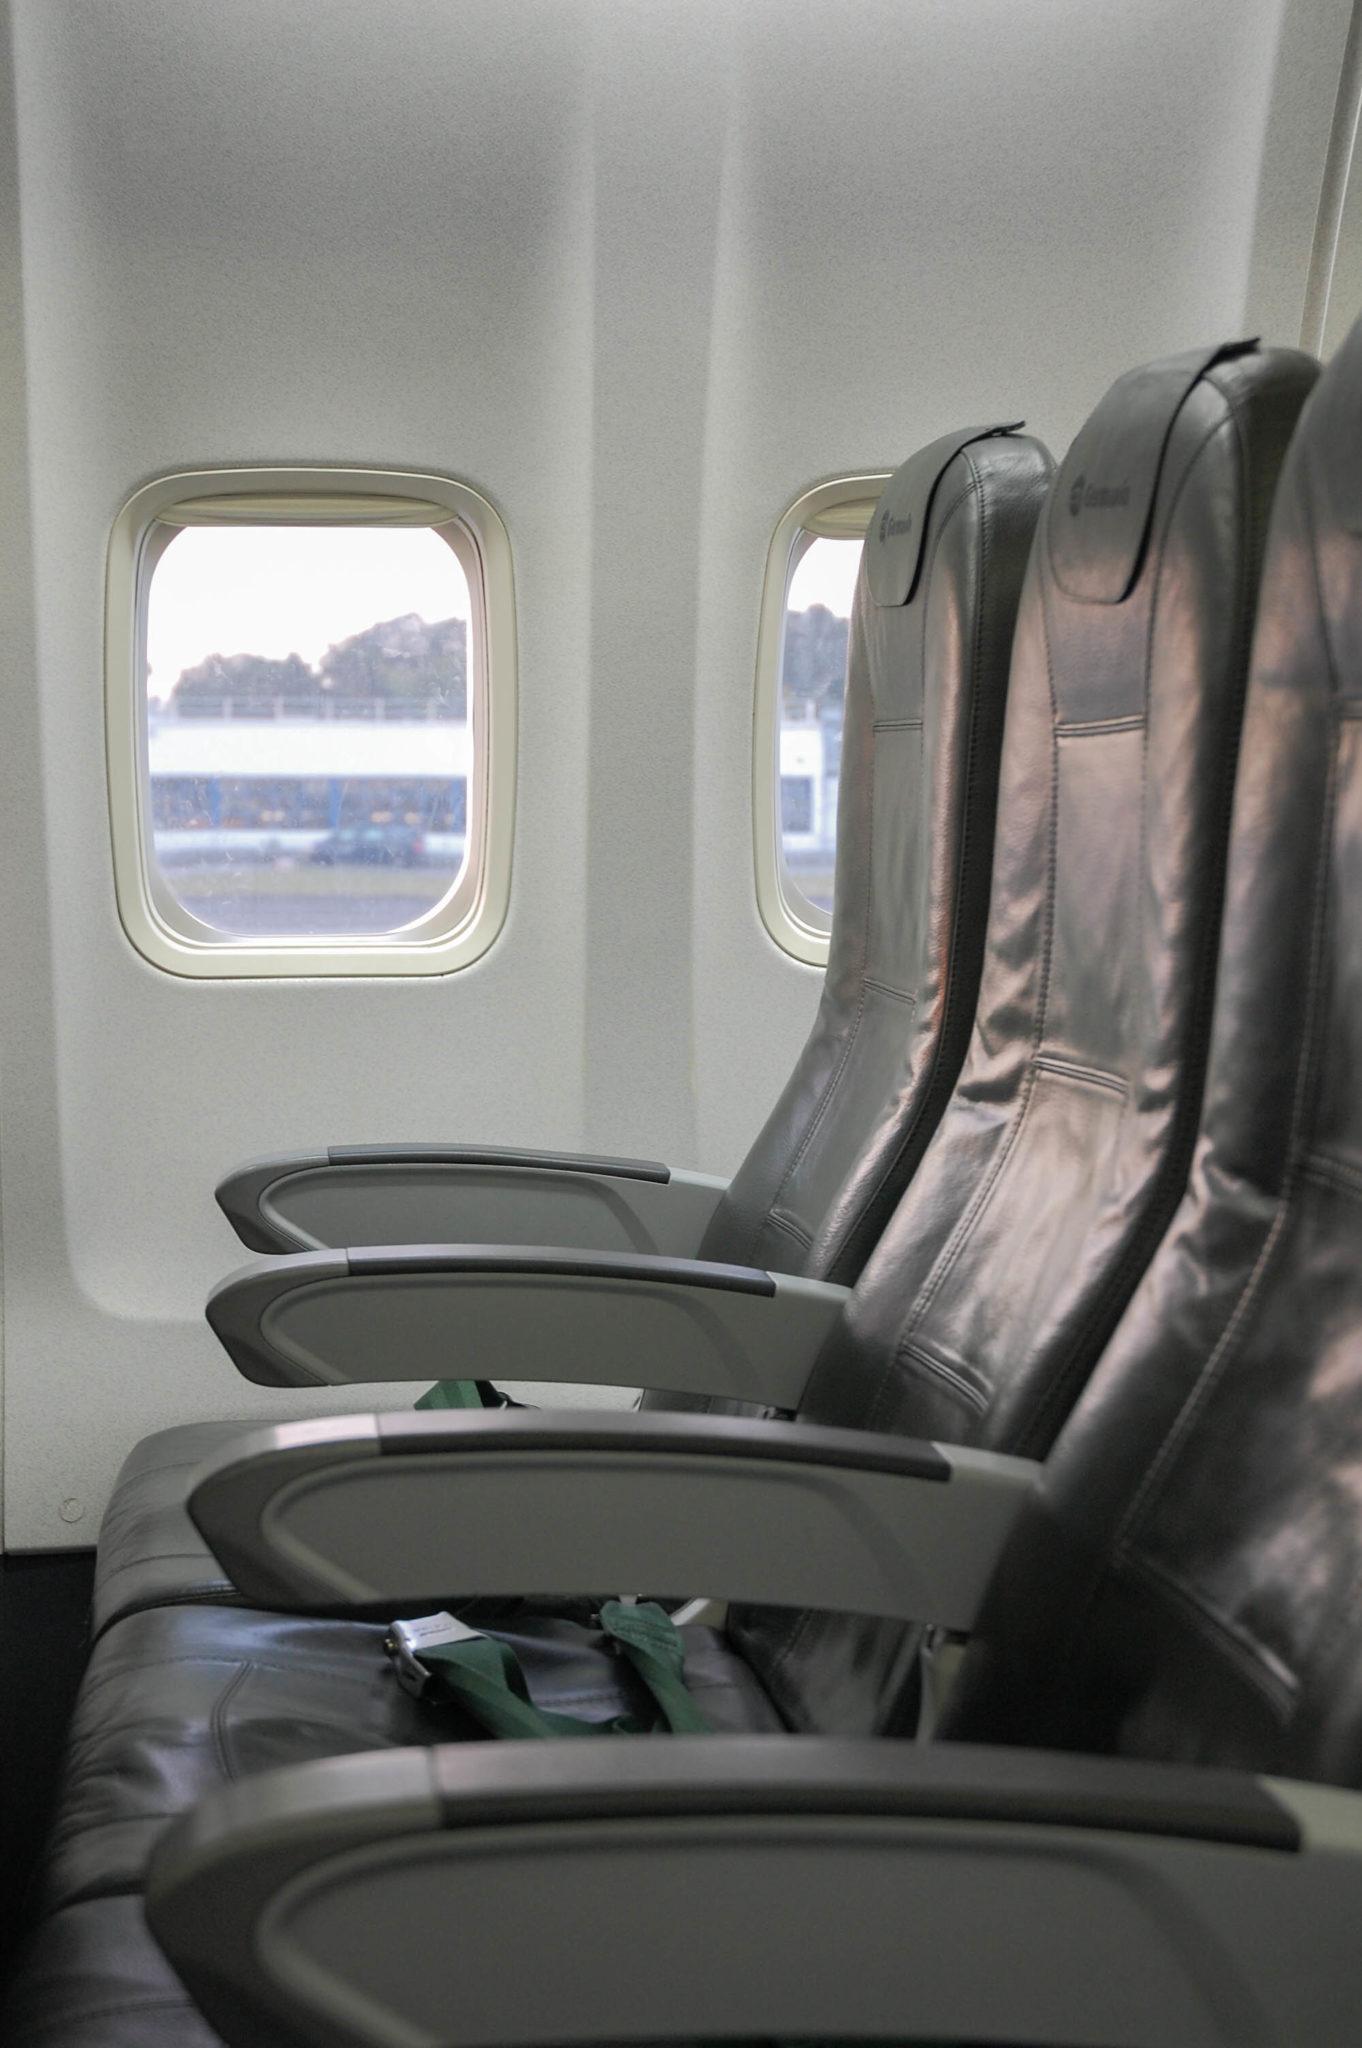 Germania Bewertung: In der Economy Class des B737-700 von Düsseldorf nach Ponta Delgada